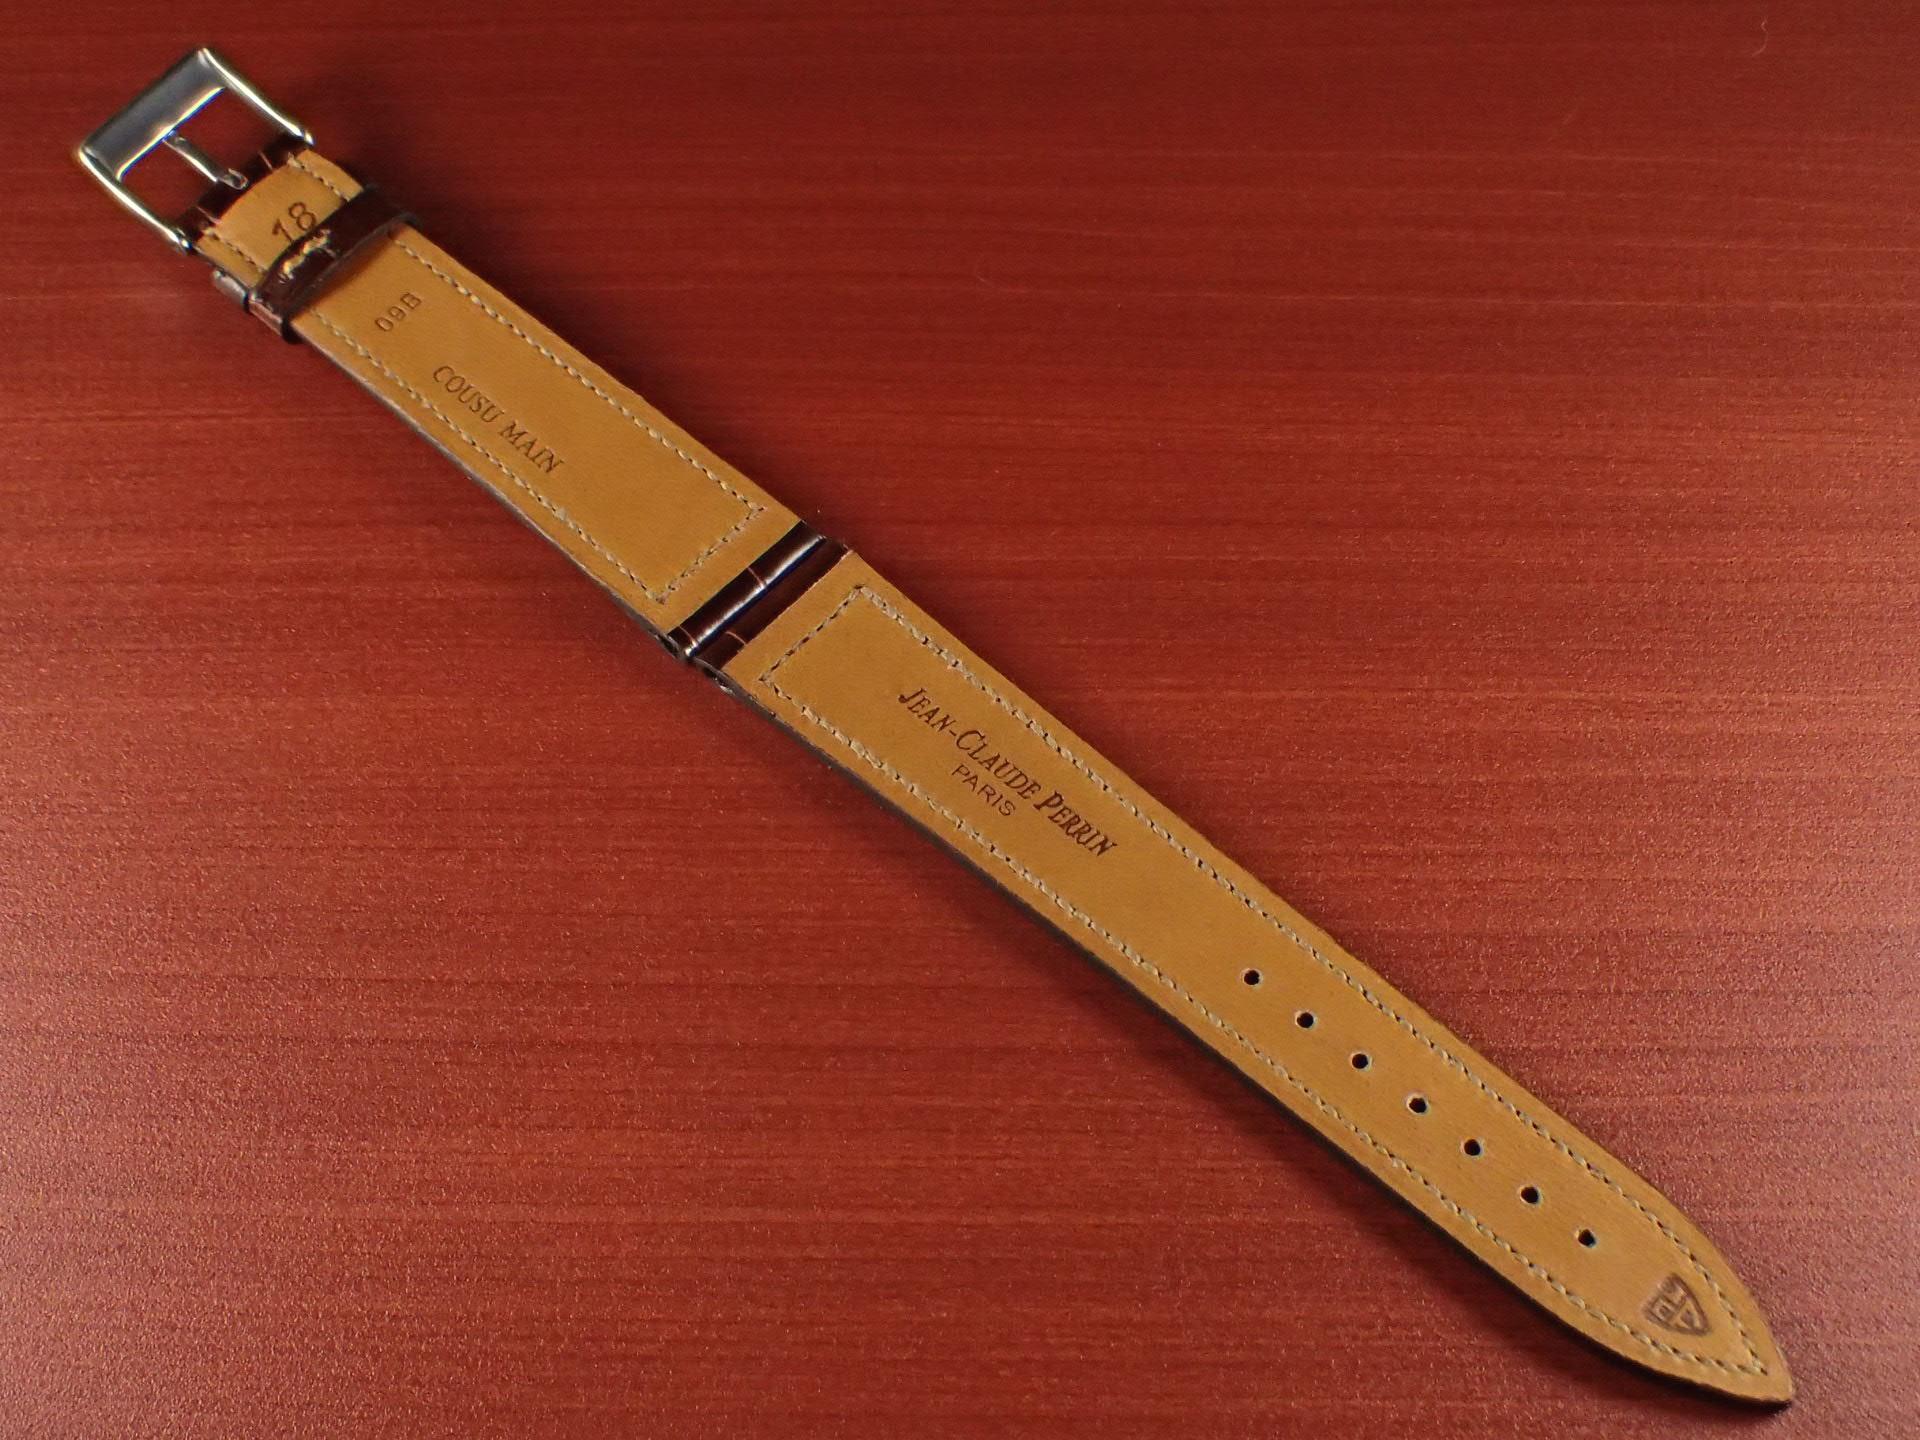 ジャン・クロード ペラン革ベルト クロコダイル タバコブラウン(シャイニー) 18mmの写真2枚目